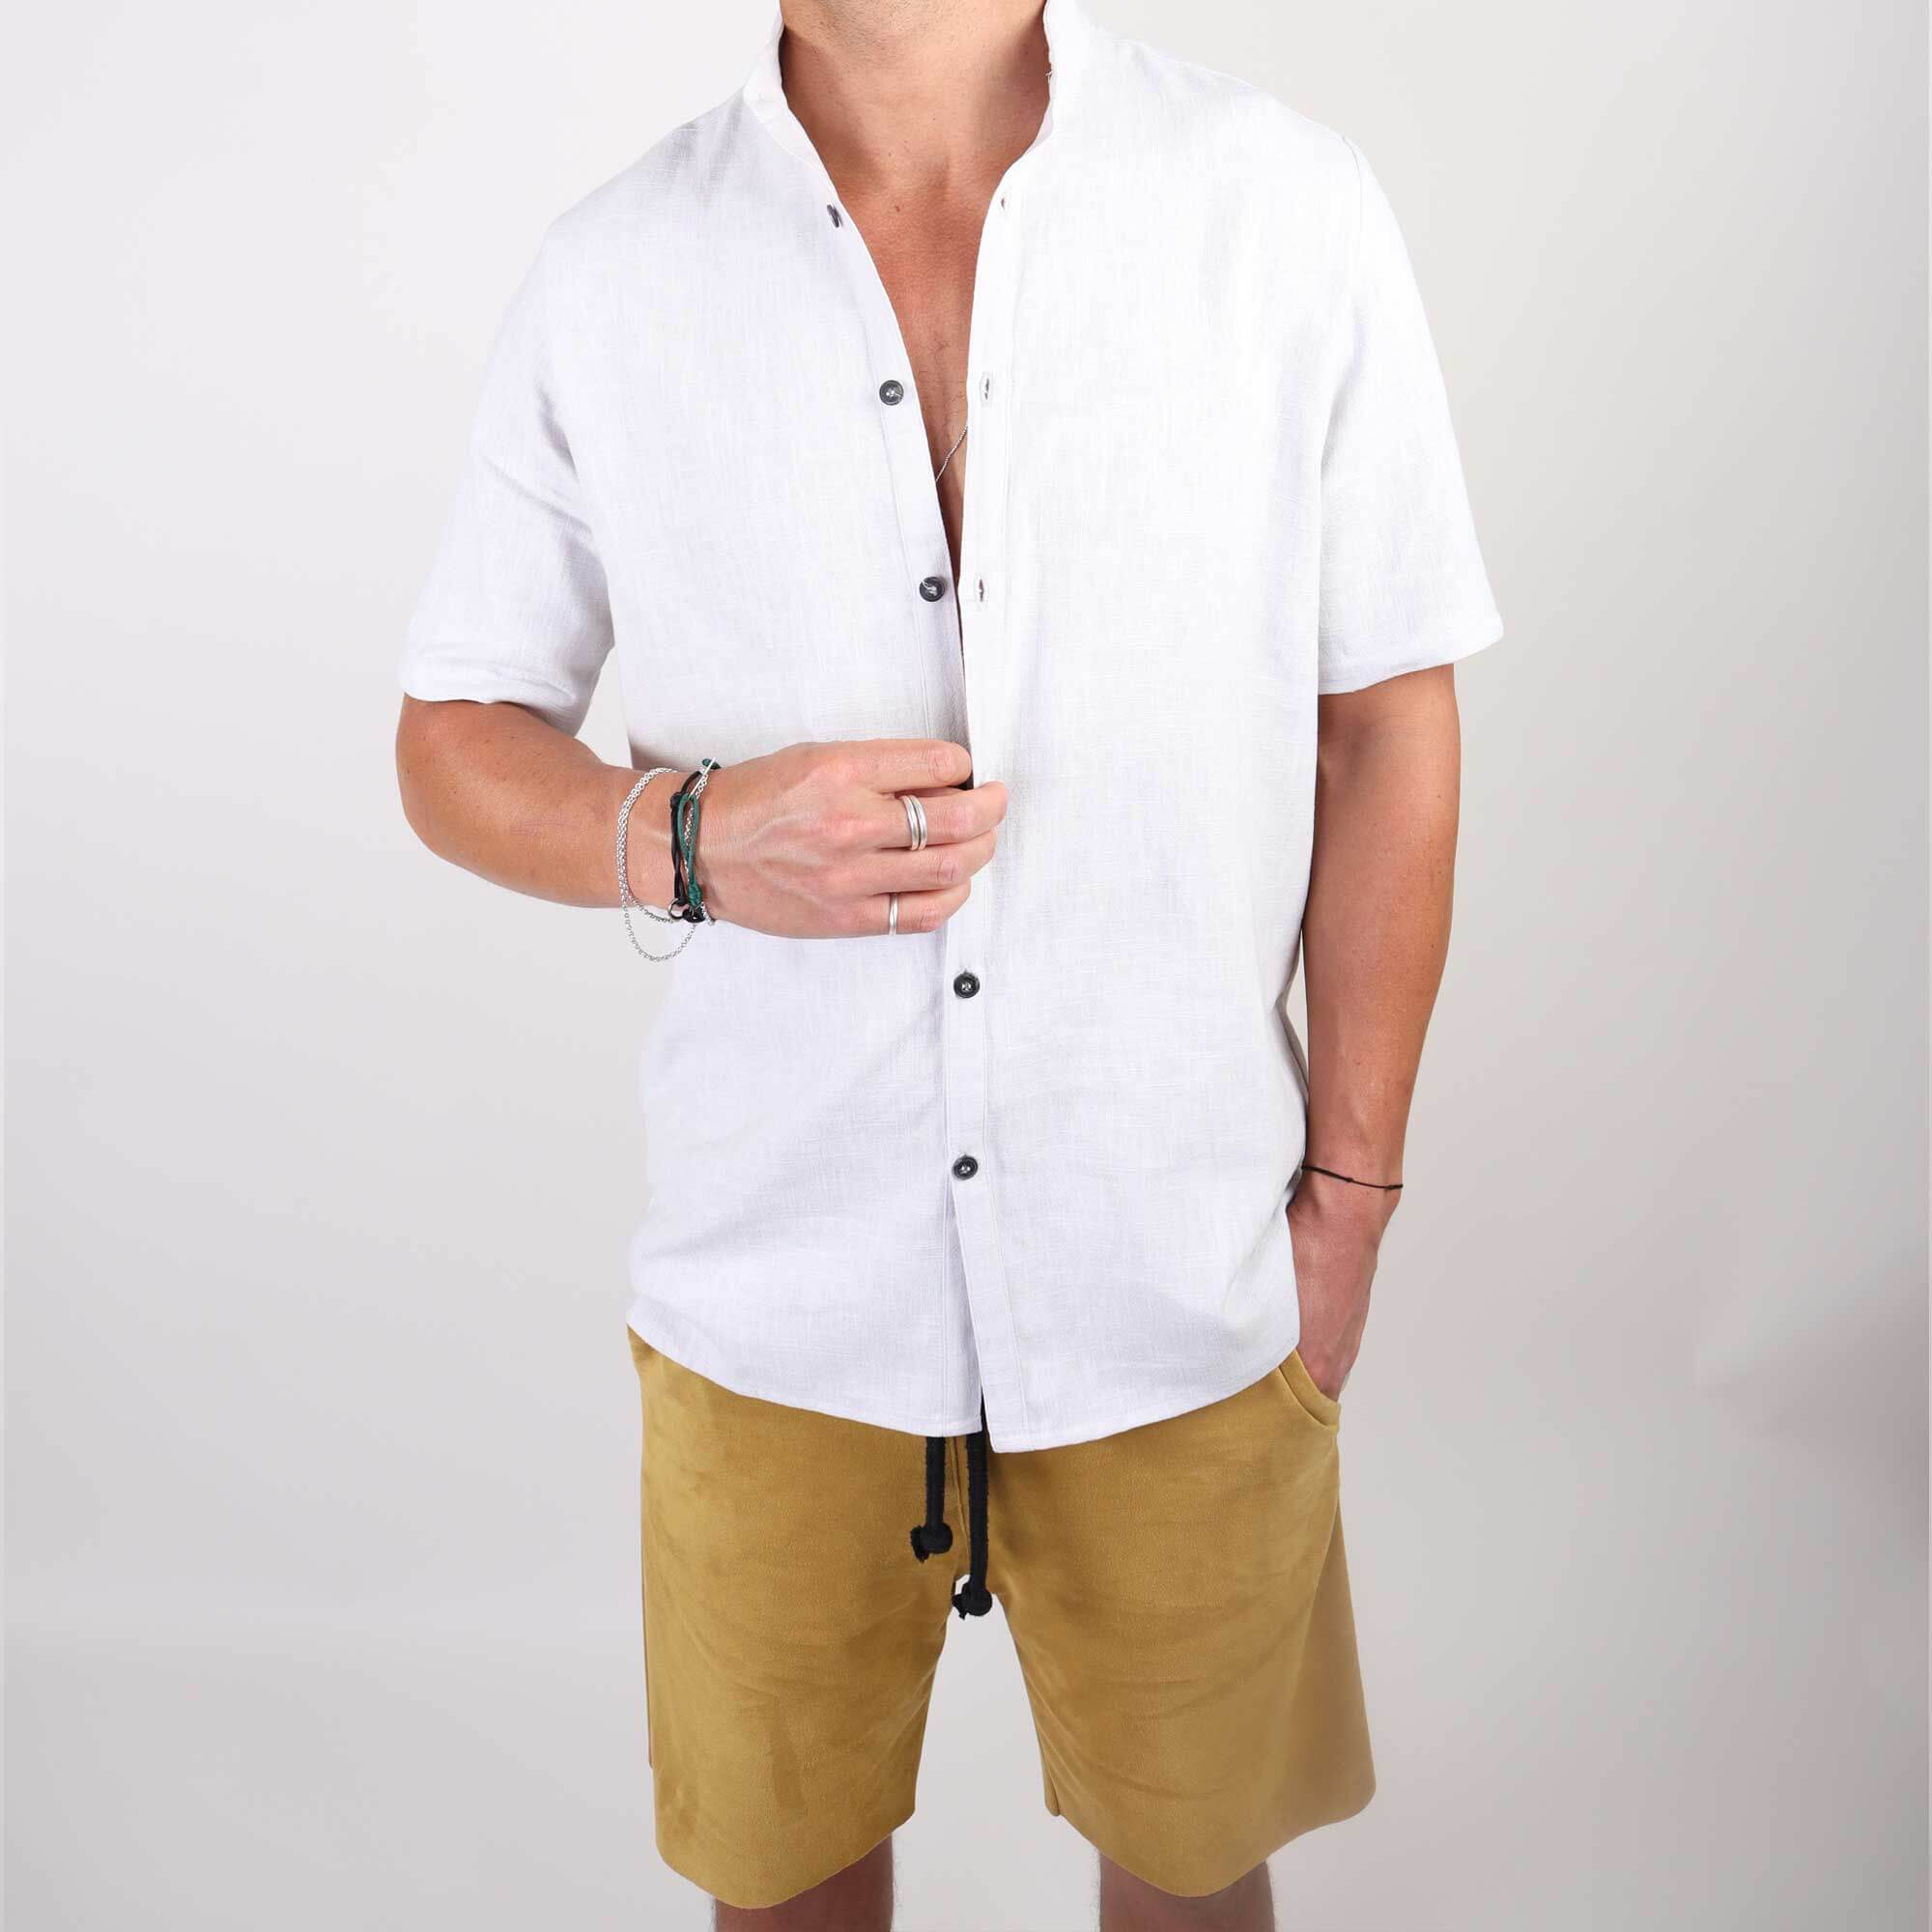 zippy-short-greywhite-1